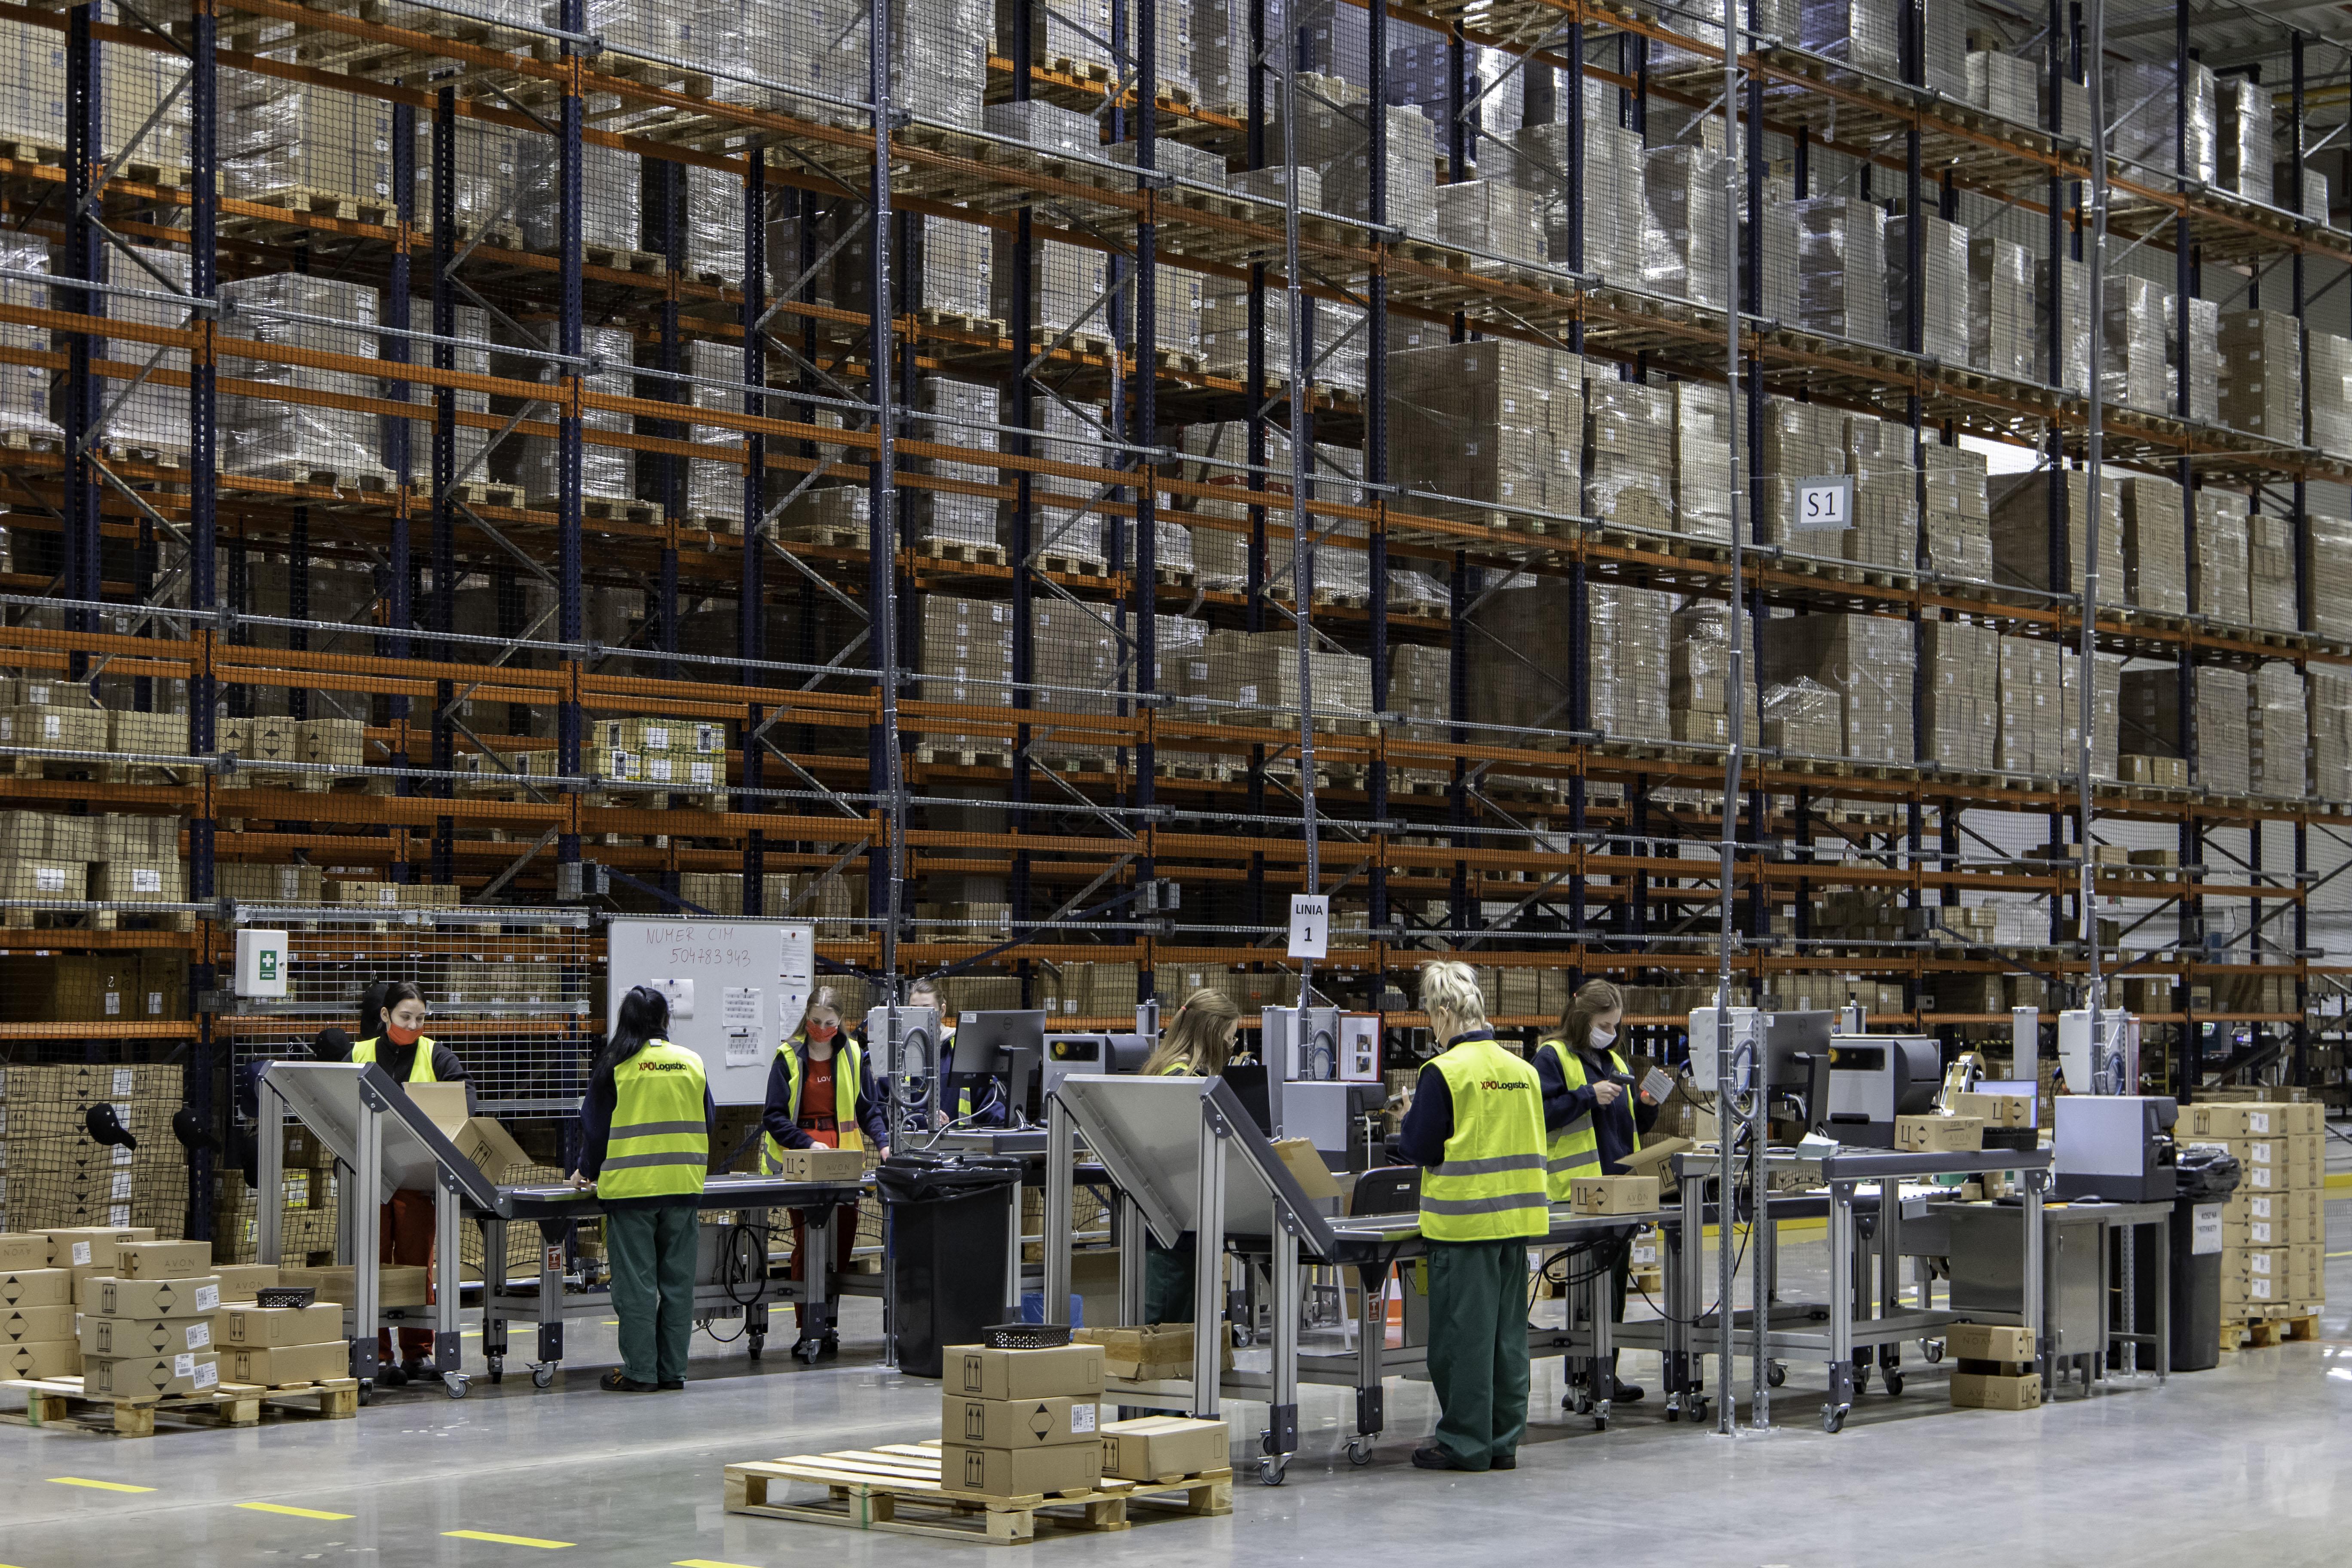 XPO Logistics rozszerza współpracę z Avon o nową usługę serializacji i znakowania produktów